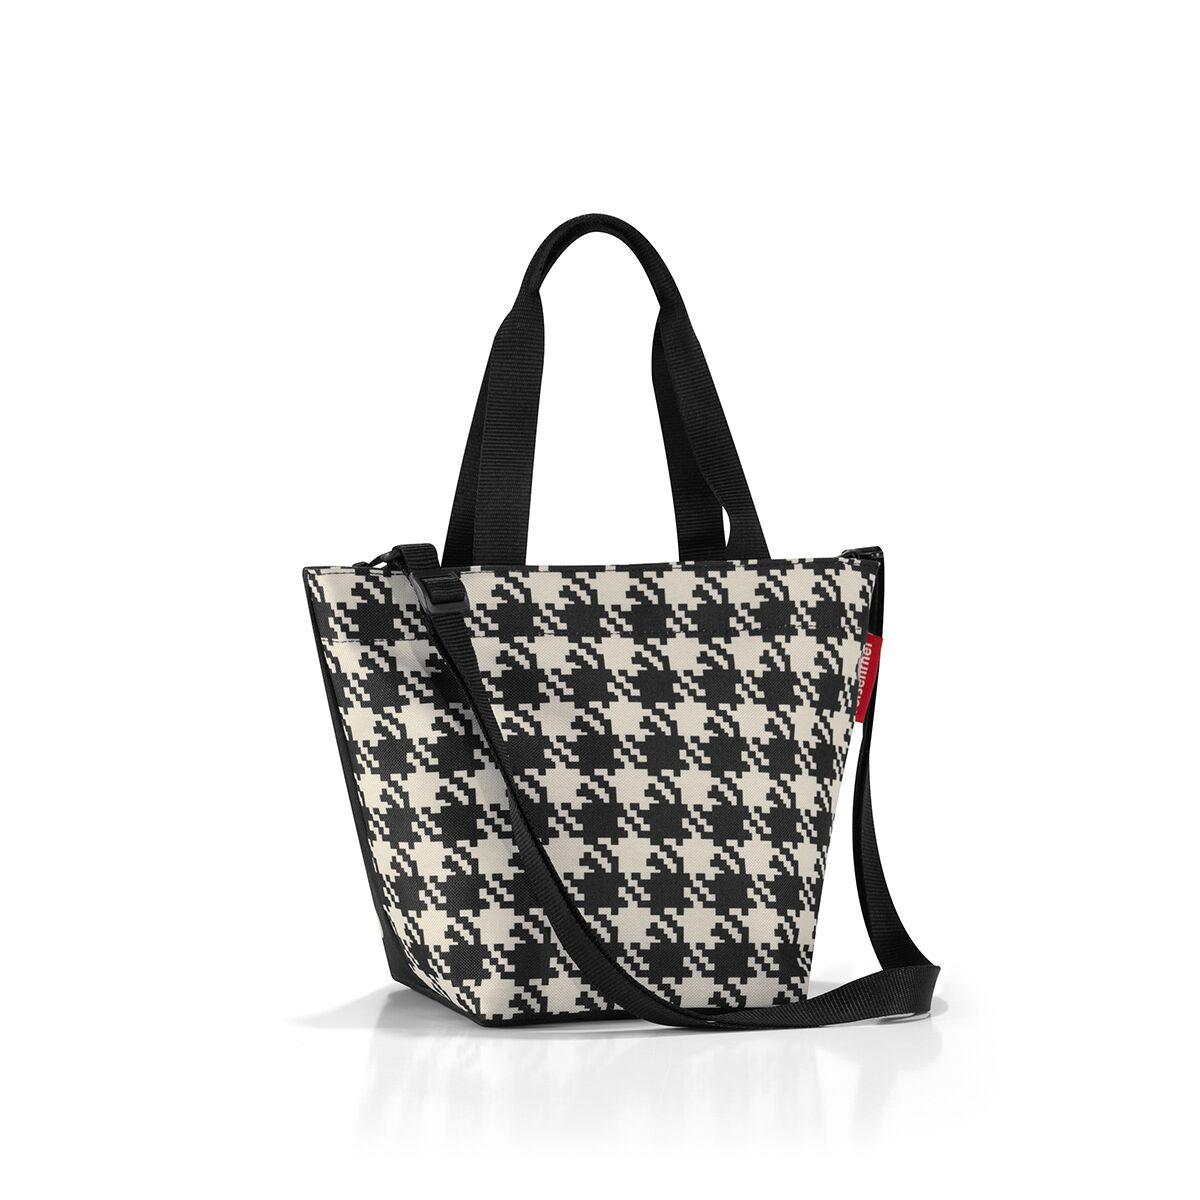 Сумка-шоппер жен. Reisenthel, цвет: черный. ZR7028ZR7028Уменьшенная версия классической сумки. Симпатичная сумка для похода в магазин: широкие удобные лямки распряделяют нагрузку на плече, а объем 4 литра позволяет вместить необходимый батон хлеба, пакет молока и другие вкусности. Застегивается на молнию. Внутри - кармашек на молнии для мелочей. Две ручки плюс ремешок с регулируемой длиной. Специальное уплотненное днище для стабильности. Серия special edition - это лимитированные модели сумок с уникальными принтами. Сочетают расцветки разных коллекций, а также имеют вышивку и аппликацию.